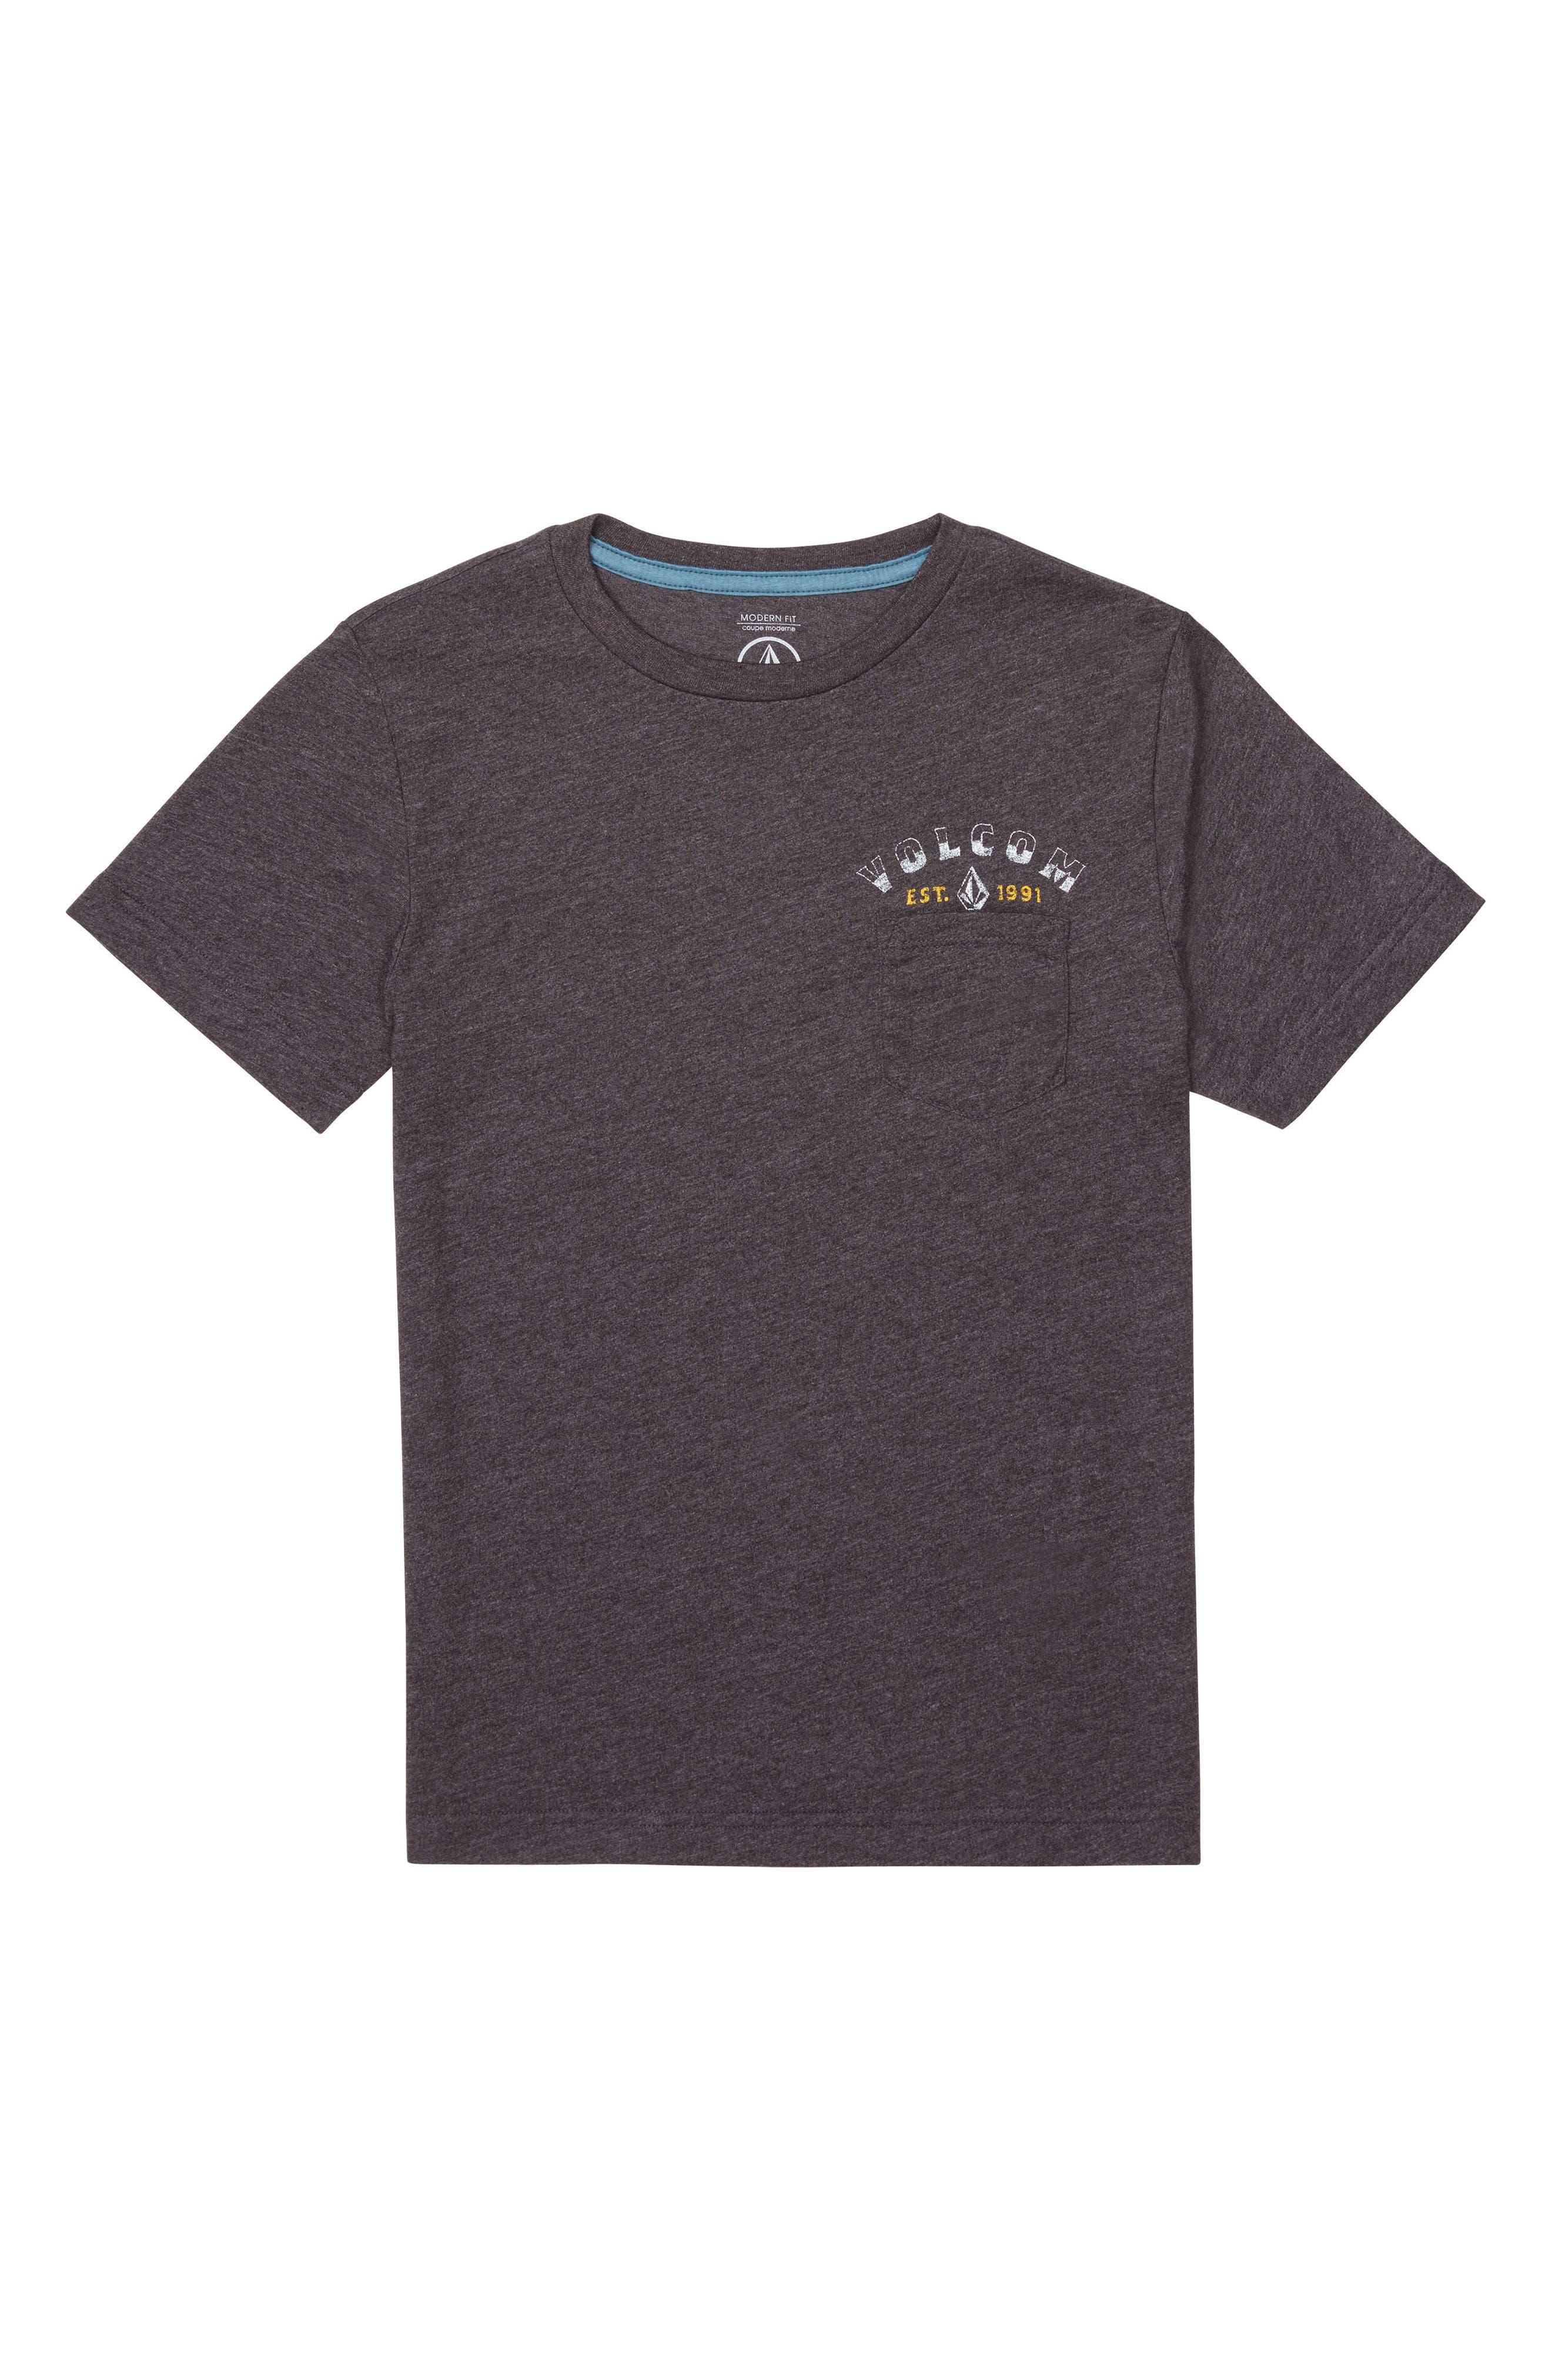 Signer Pocket T-Shirt,                         Main,                         color, 001